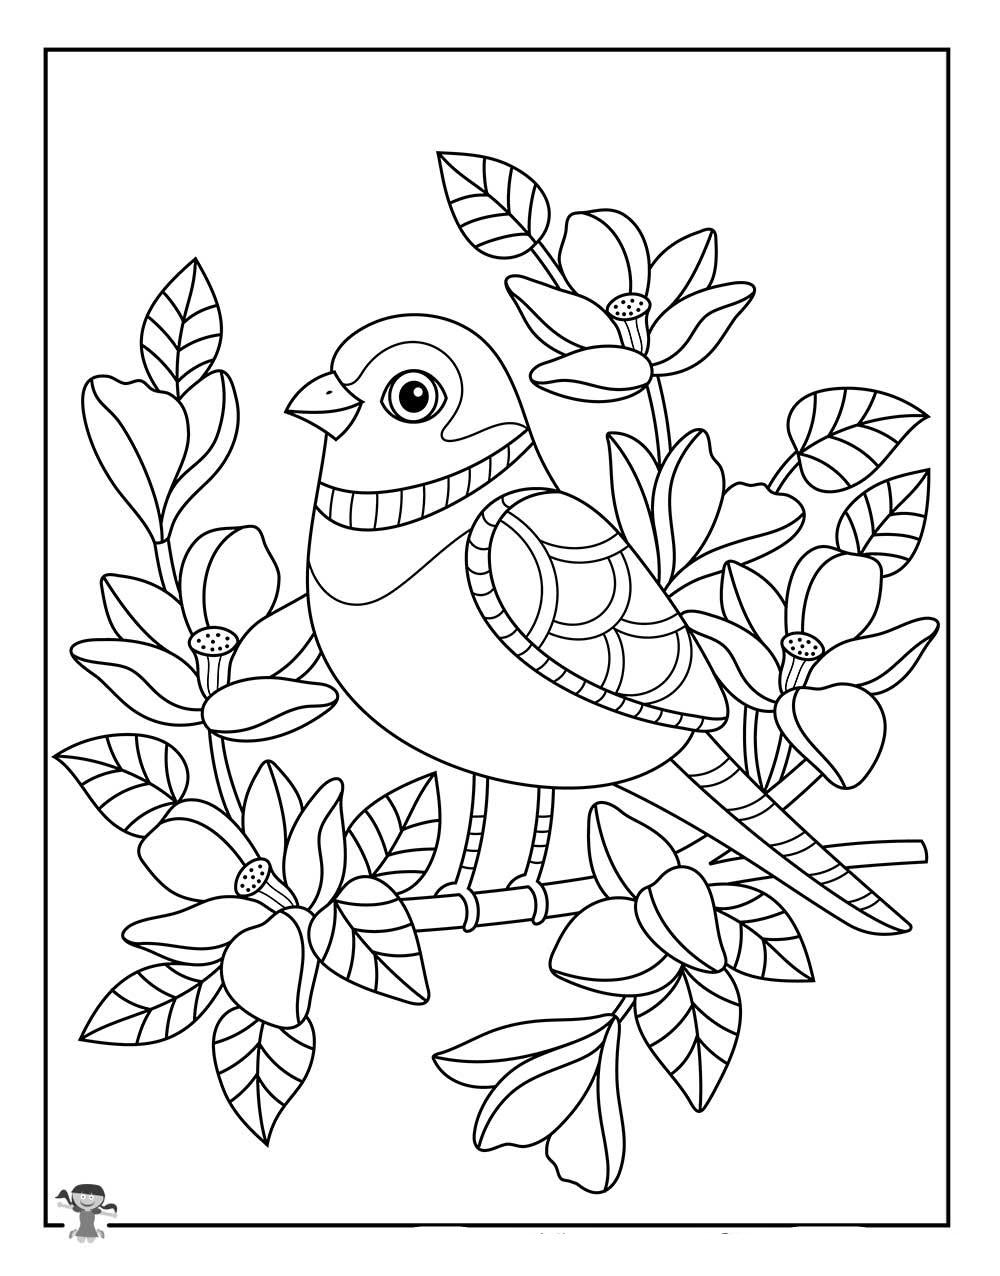 Tranh tô màu con chim đẹp nhất